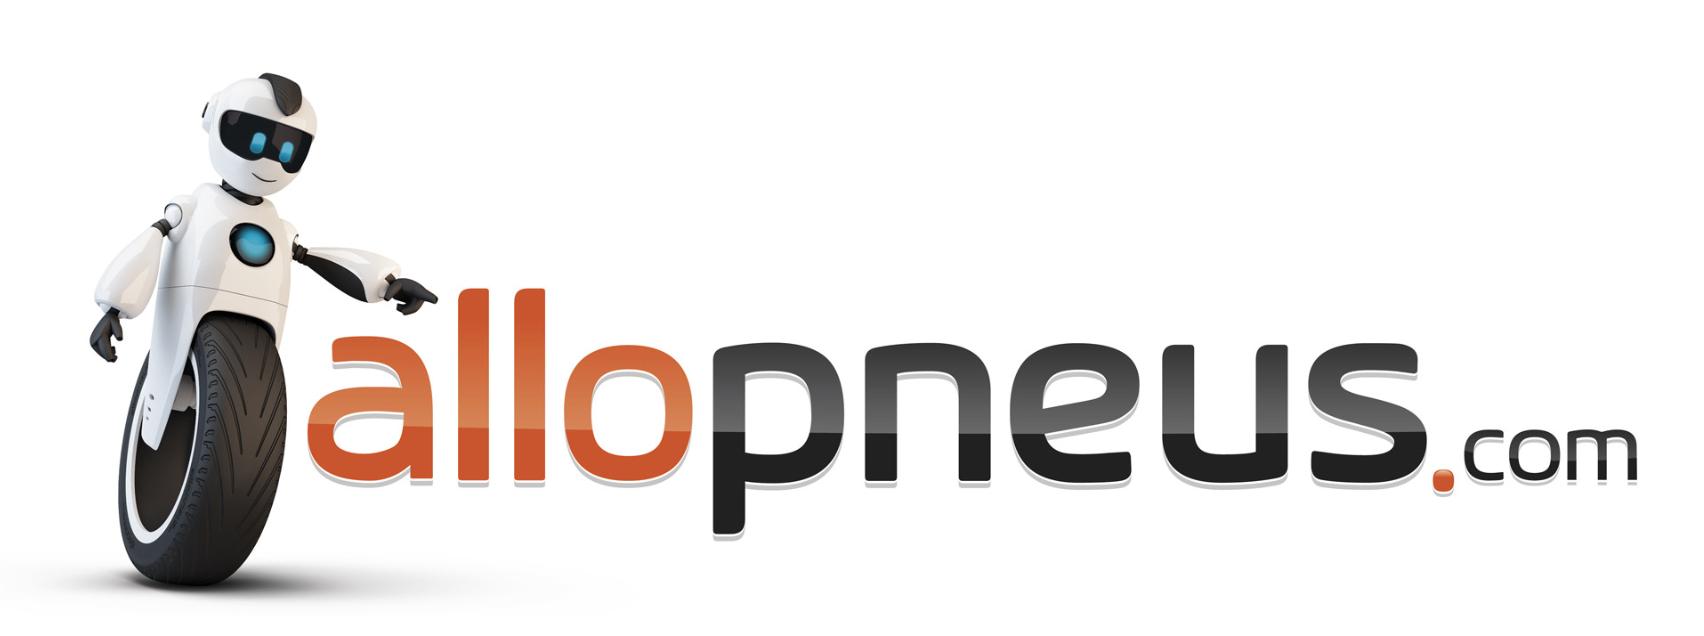 allopneus.com logo